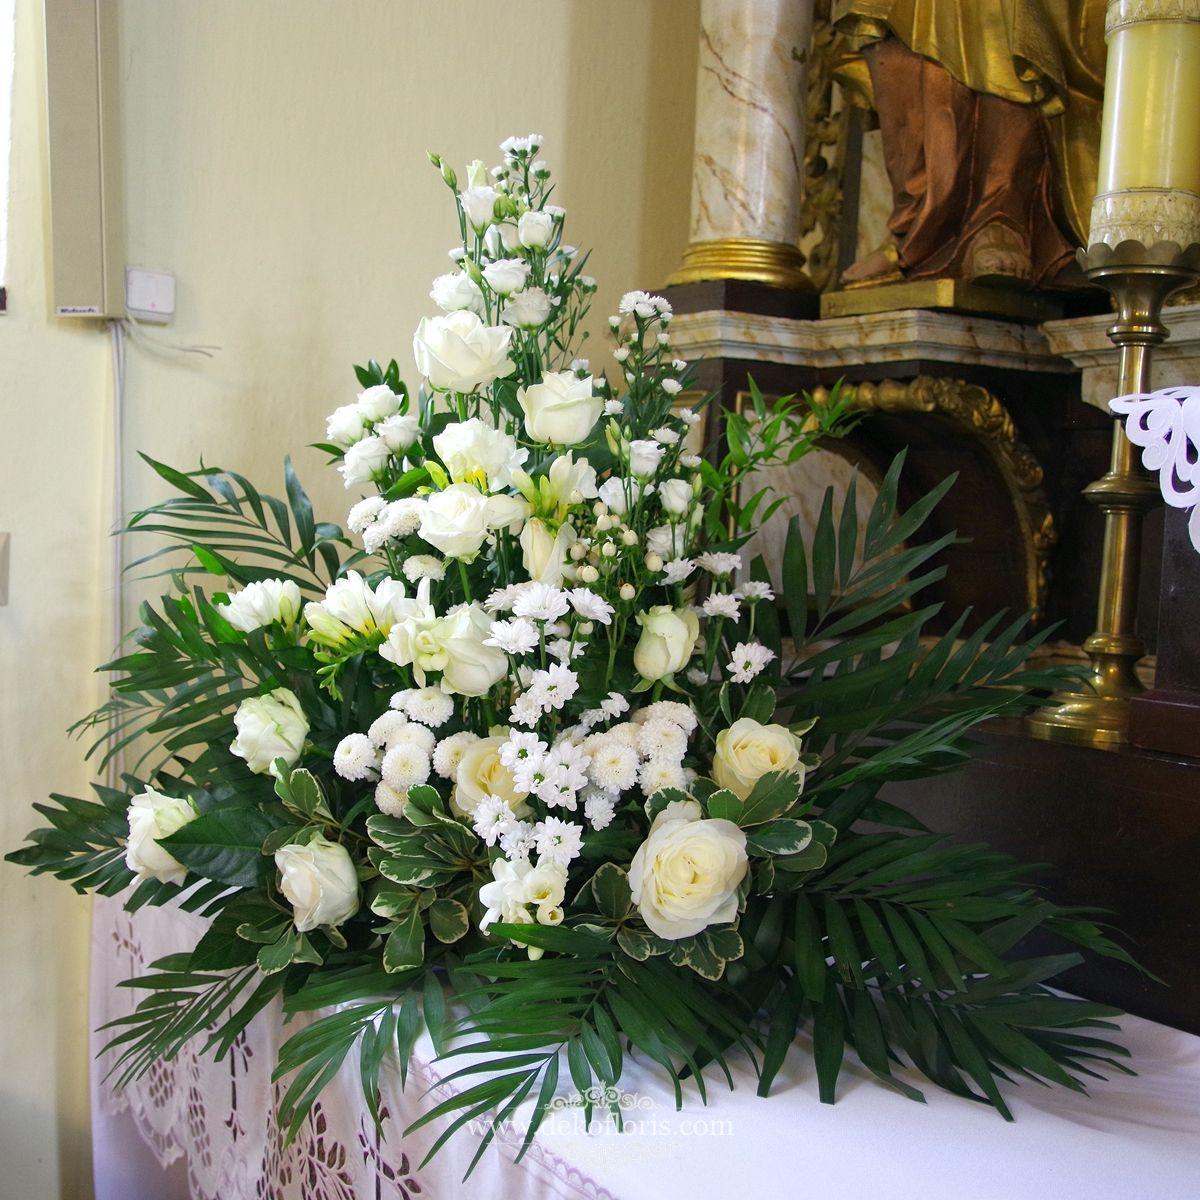 Biala Dekoracja Kosciola Bialy Dywan I Kwiaty Slub Marcinkowice Altar Arrangement Table Decorations Decor